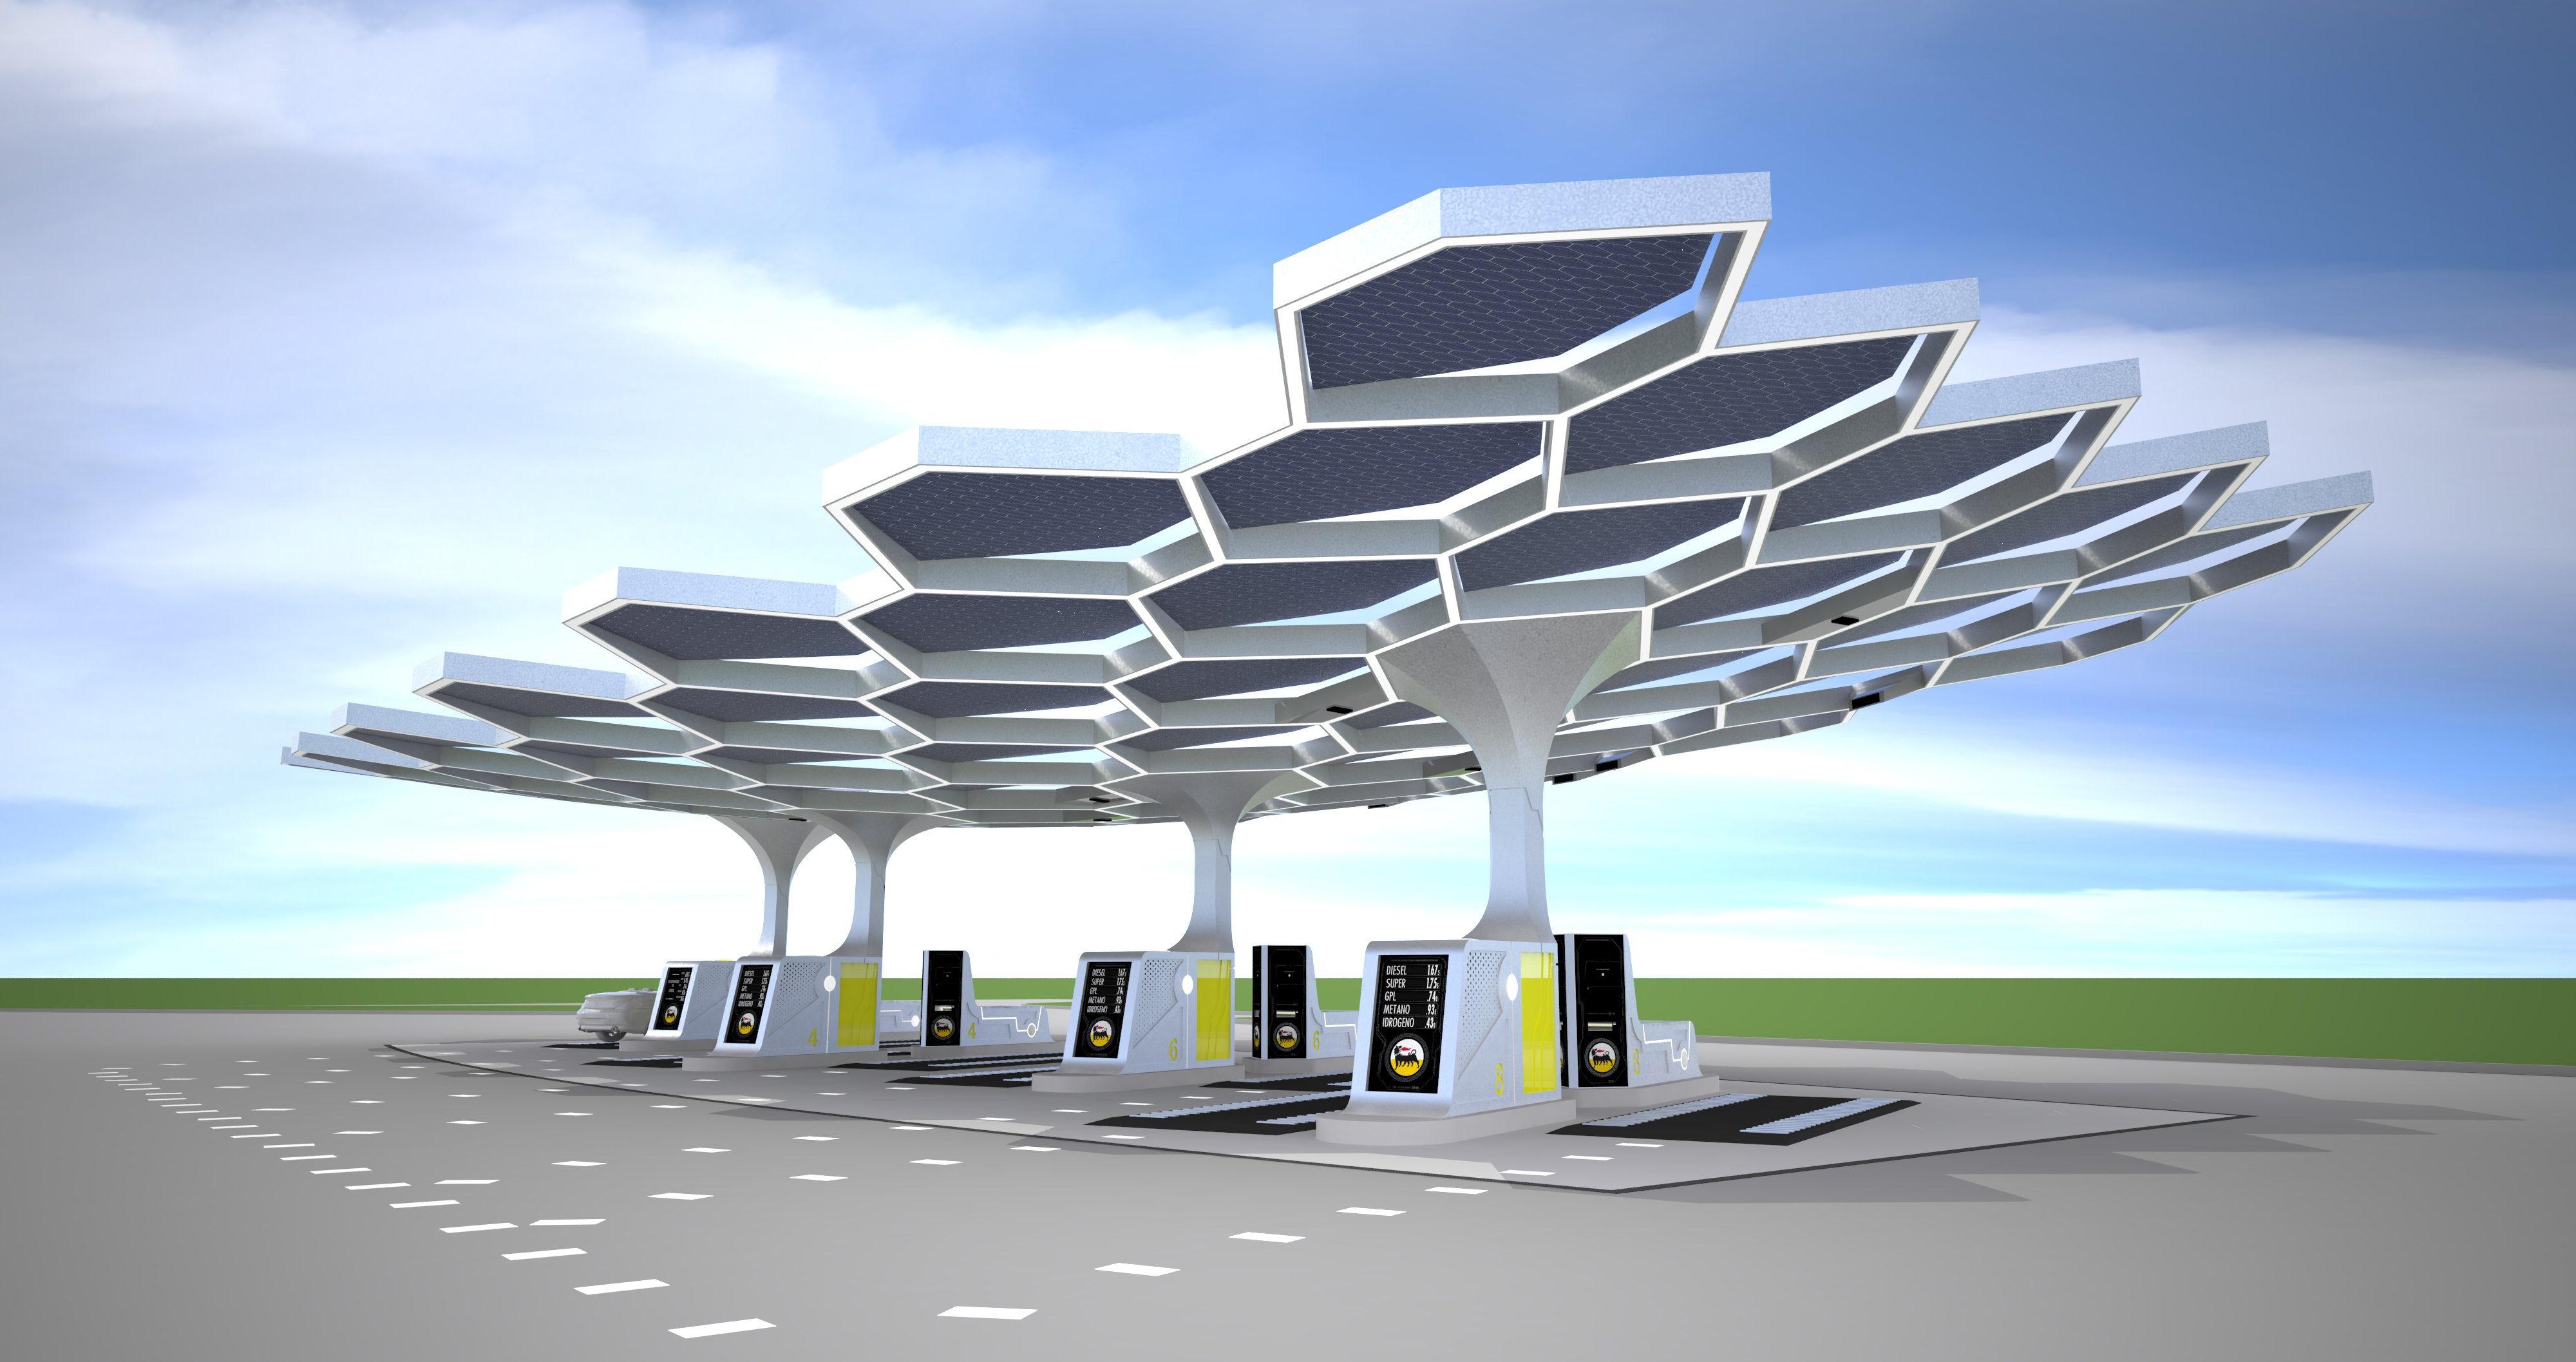 Eni fuel pump large03.jpg?ixlib=rails 2.1